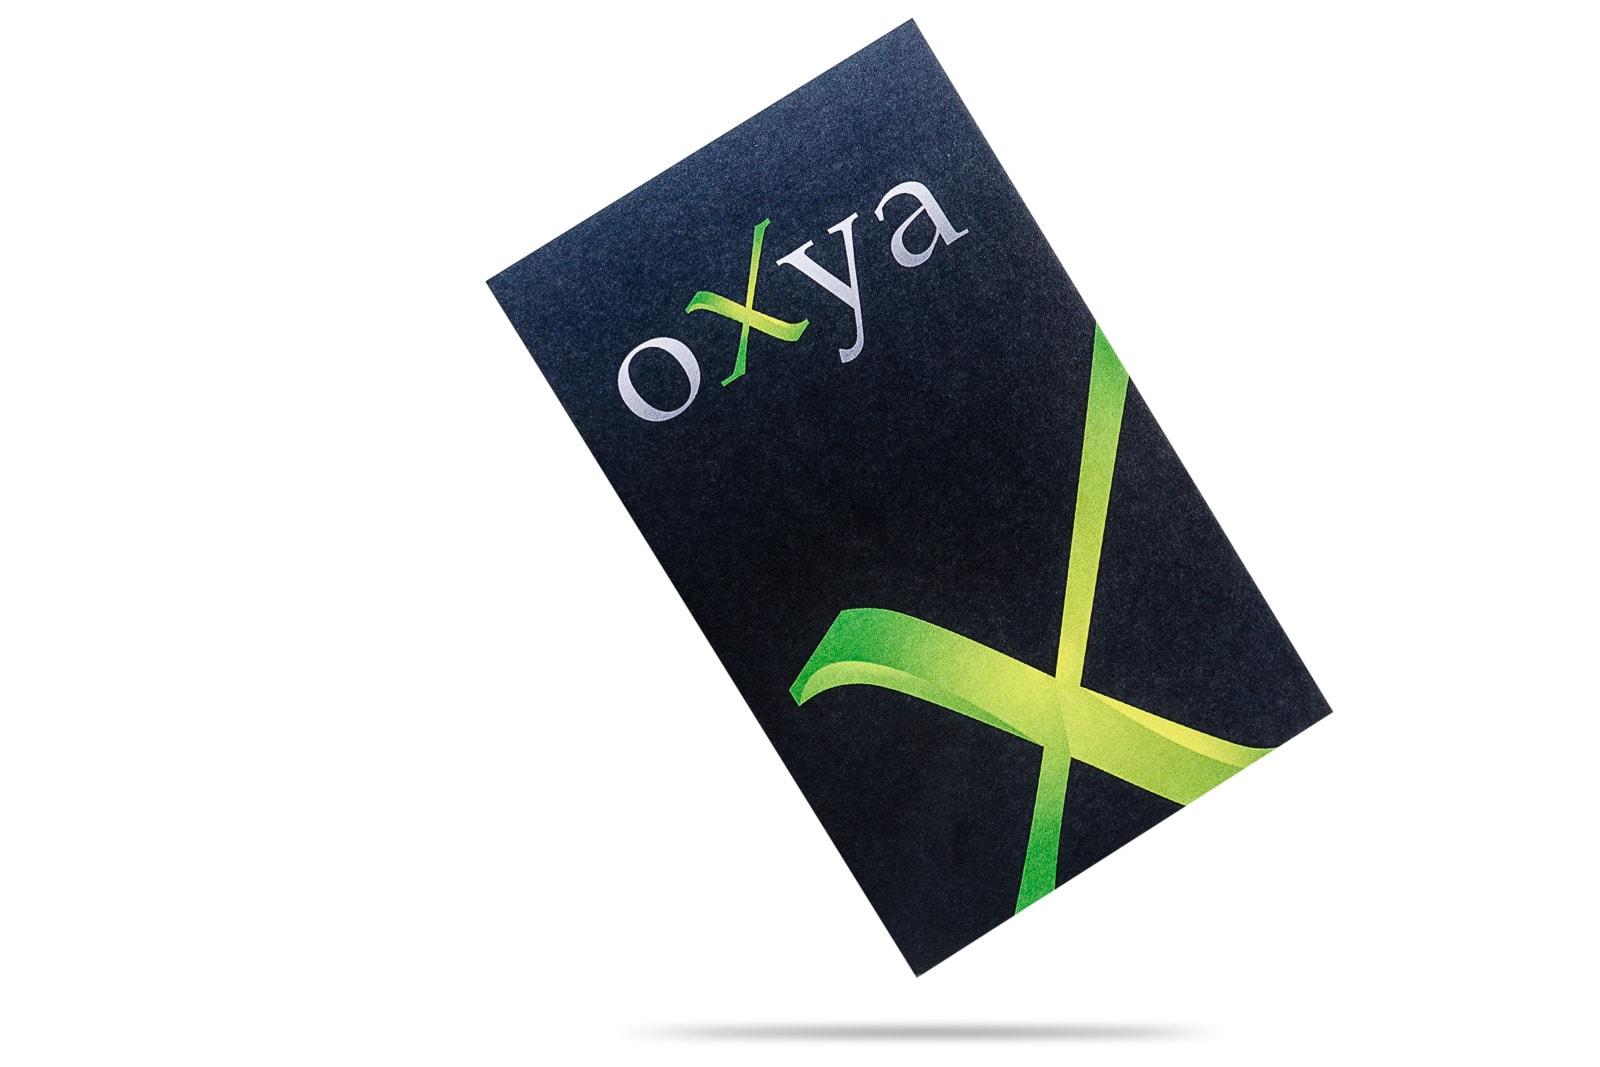 floating oxya uk business card design on white background